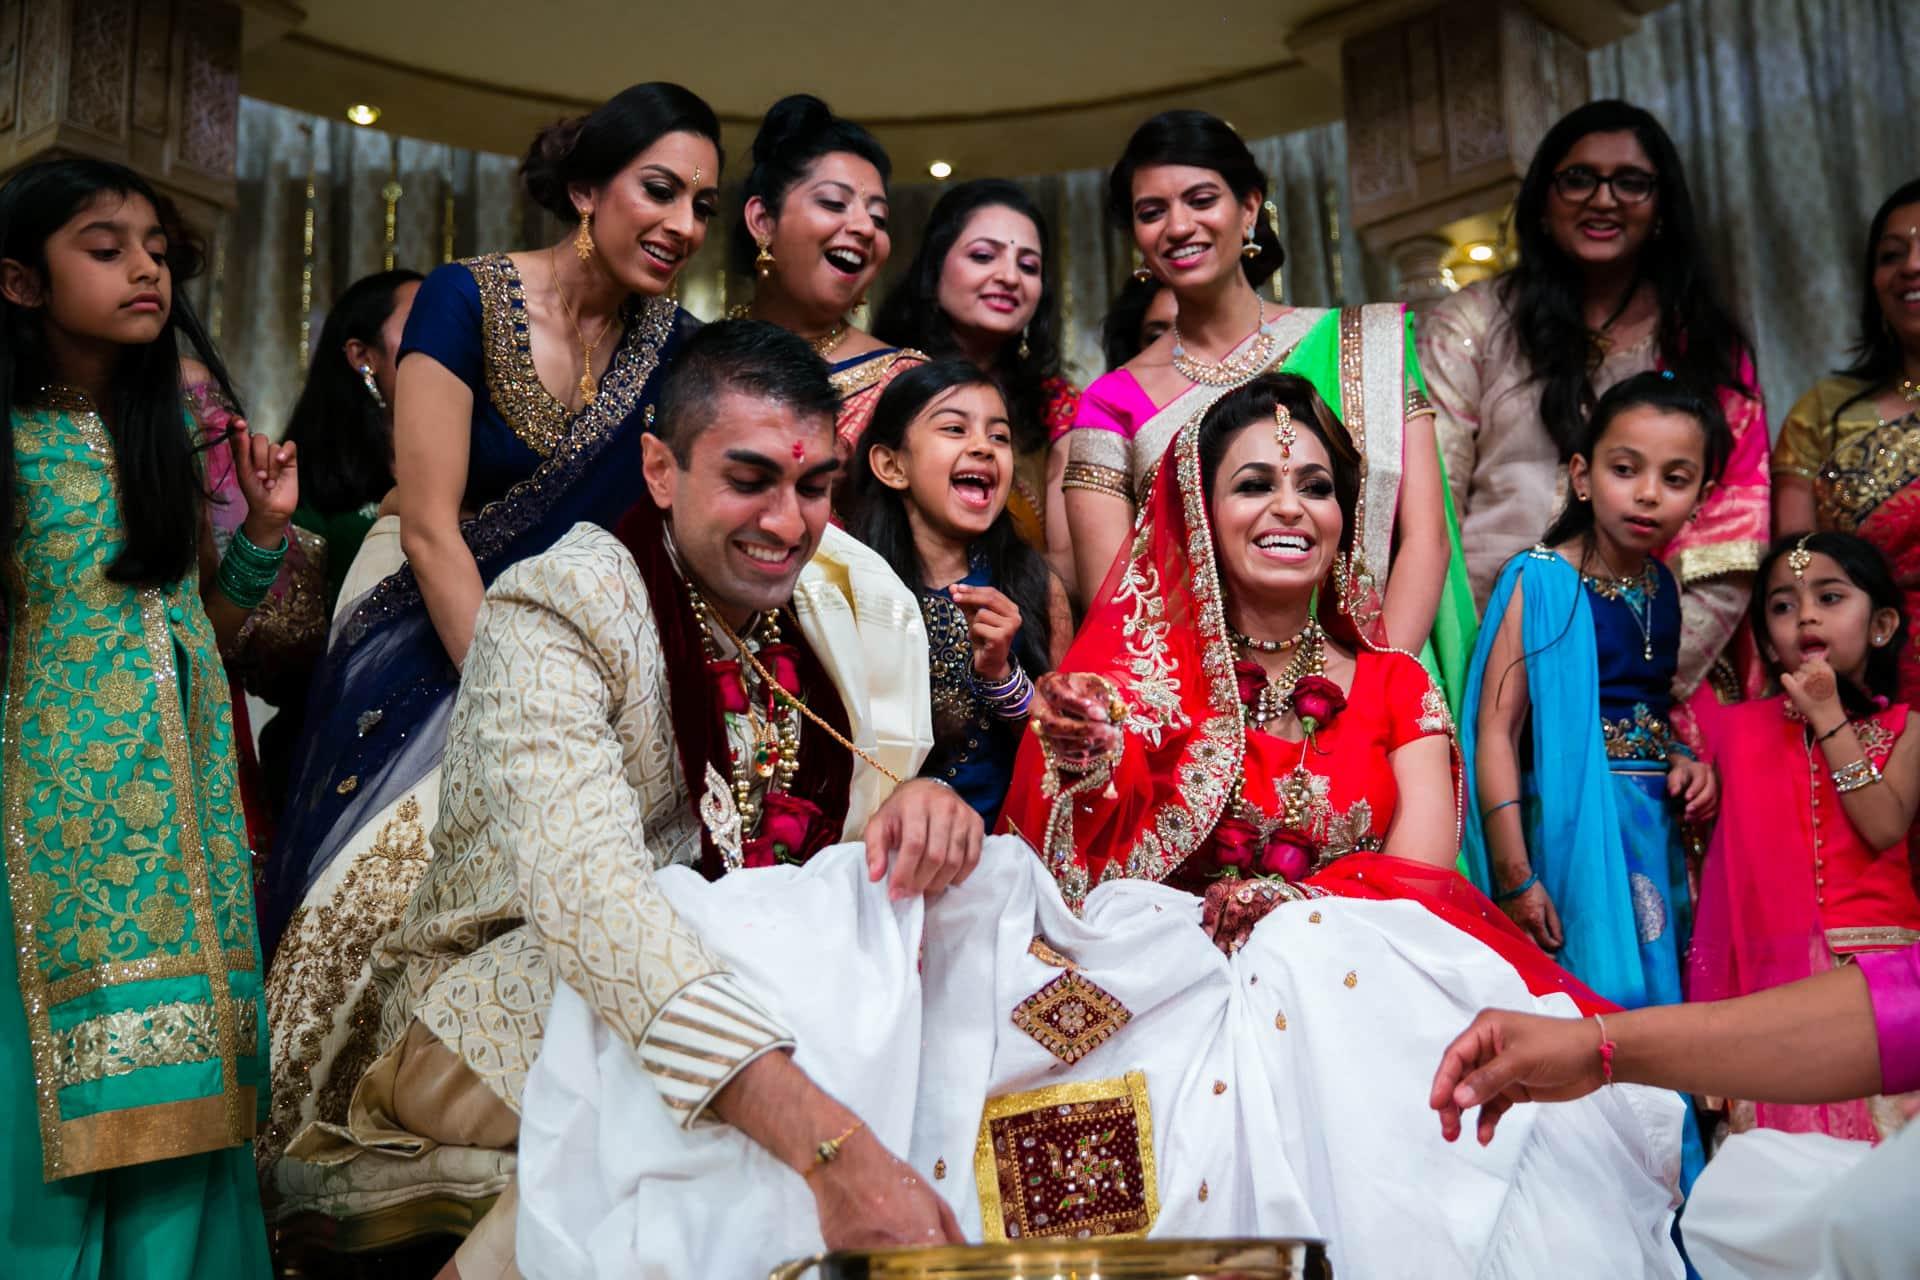 Koda Kodi games after Hindu Wedding